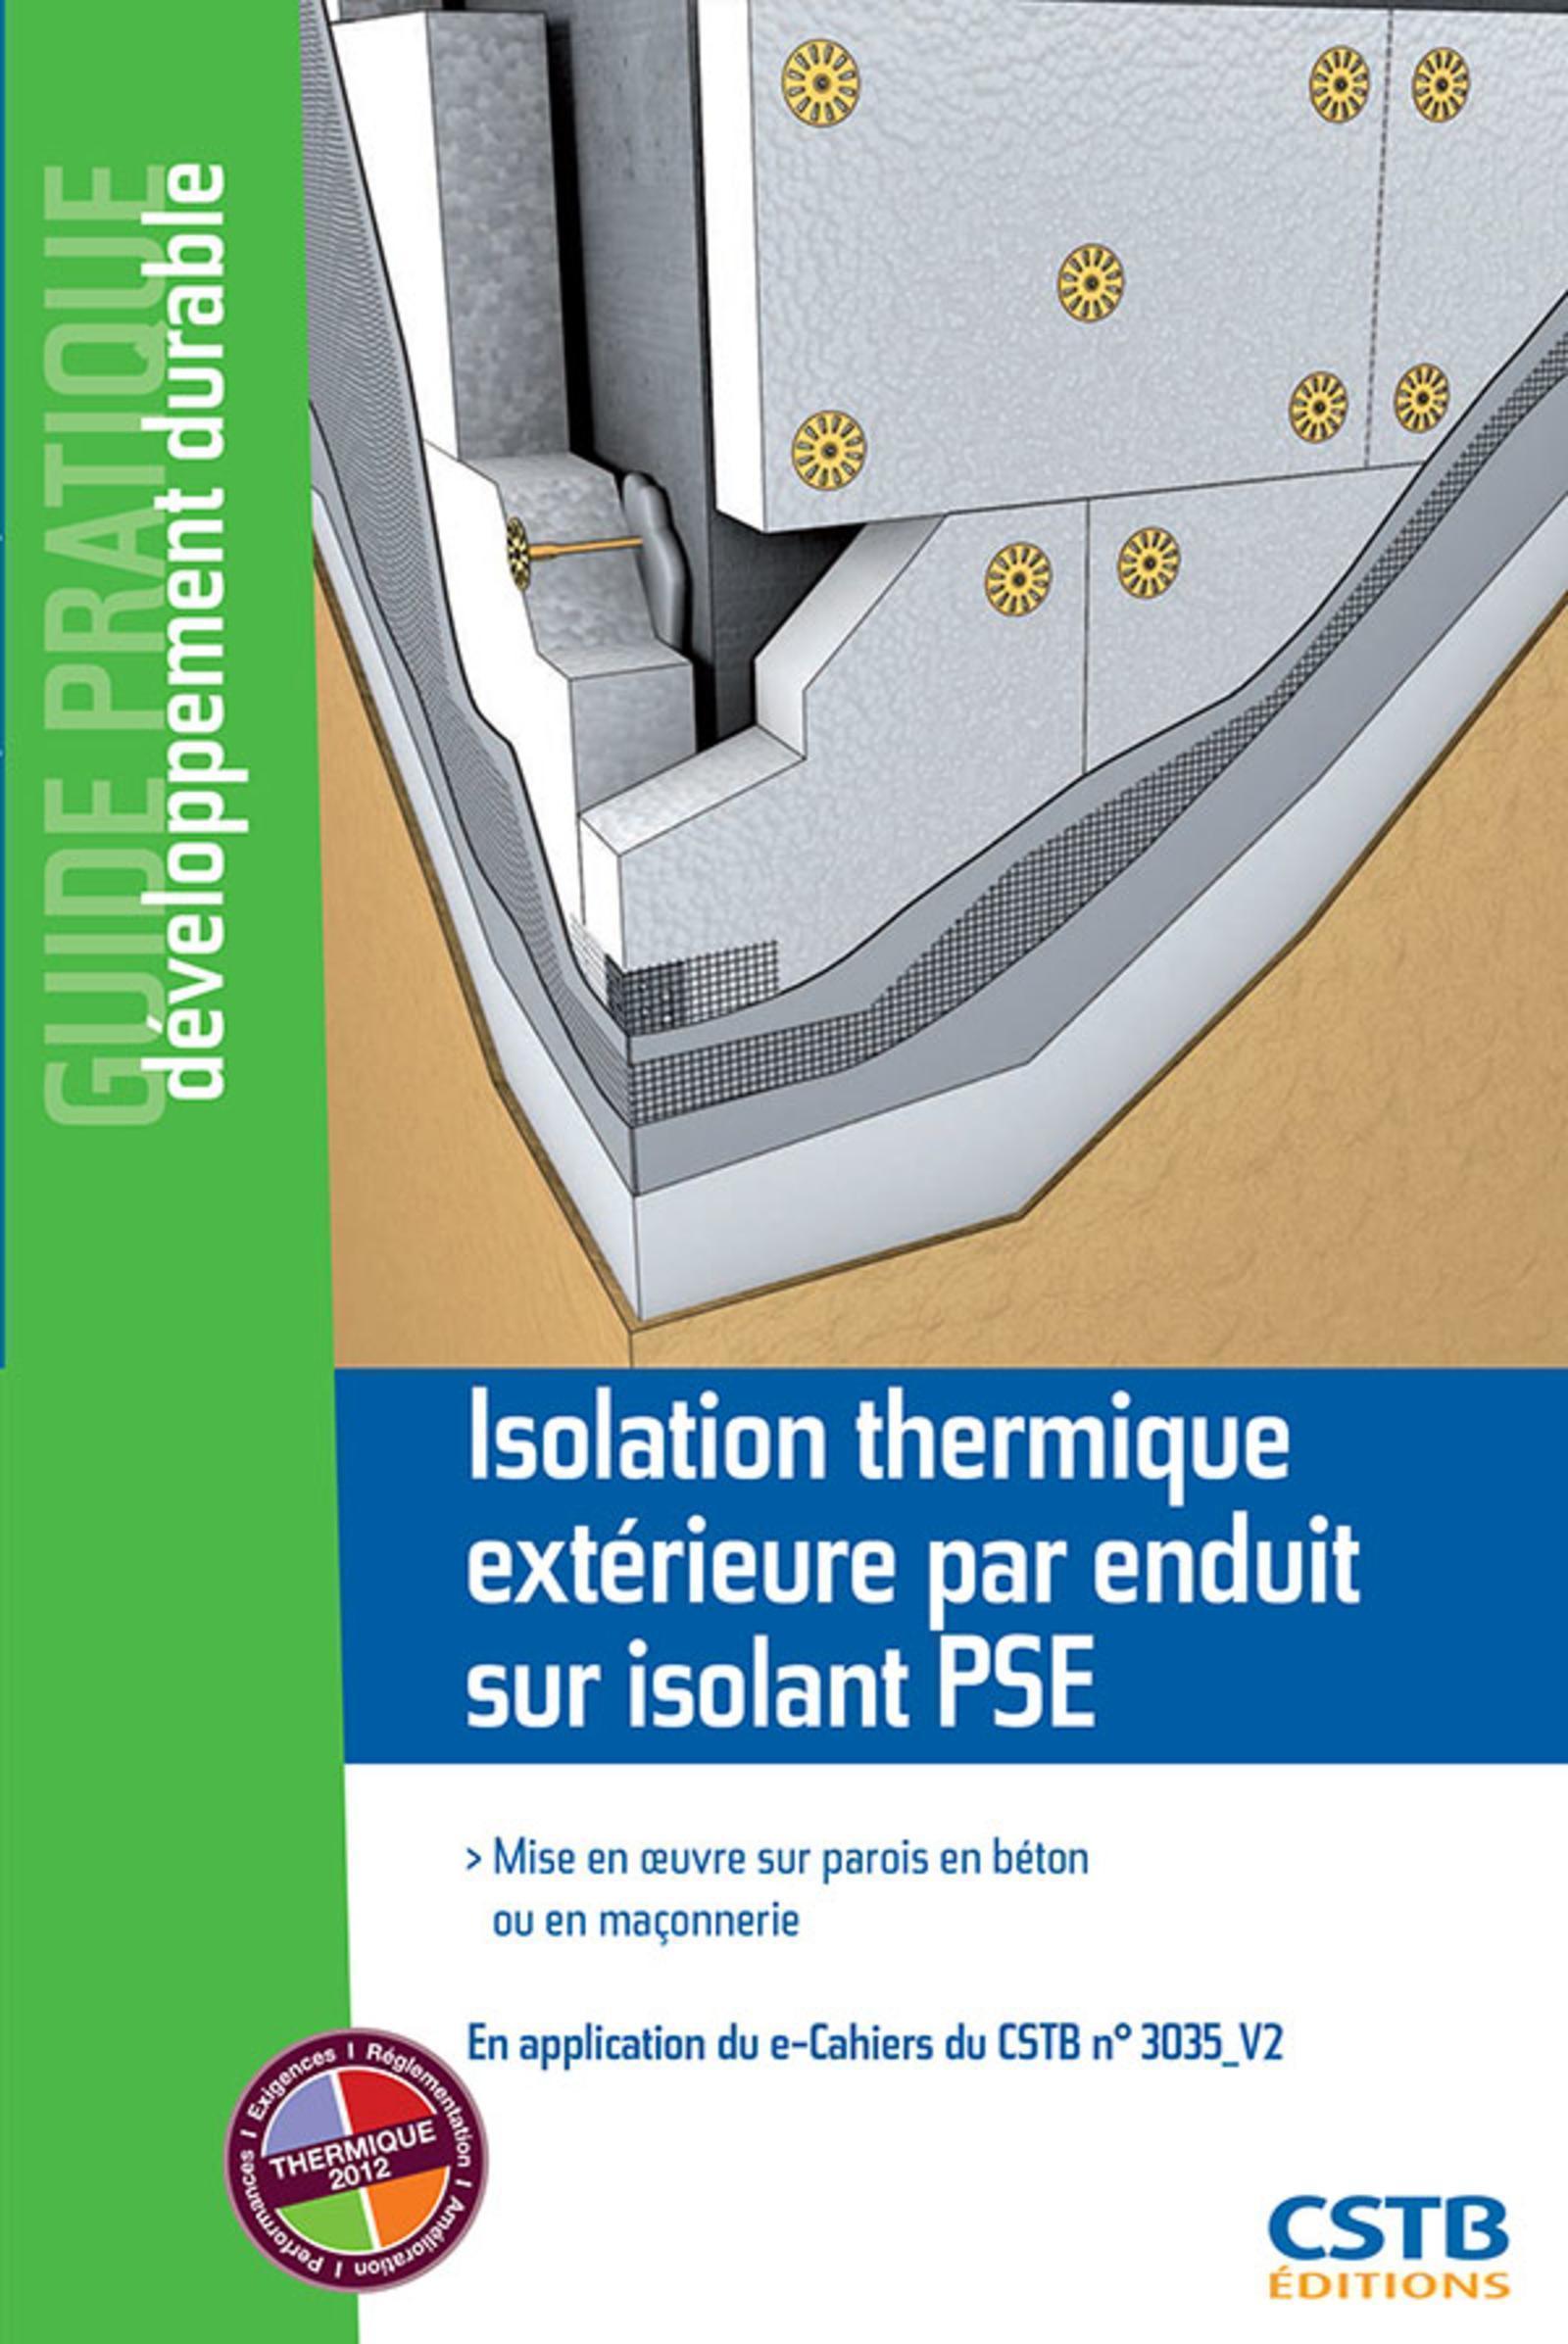 ISOLATION THERMIQUE EXTERIEURE PAR ENDUIT SUR ISOLANT PSE - MISE EN OEUVRE SUR PAROIS EN BETON OU EN